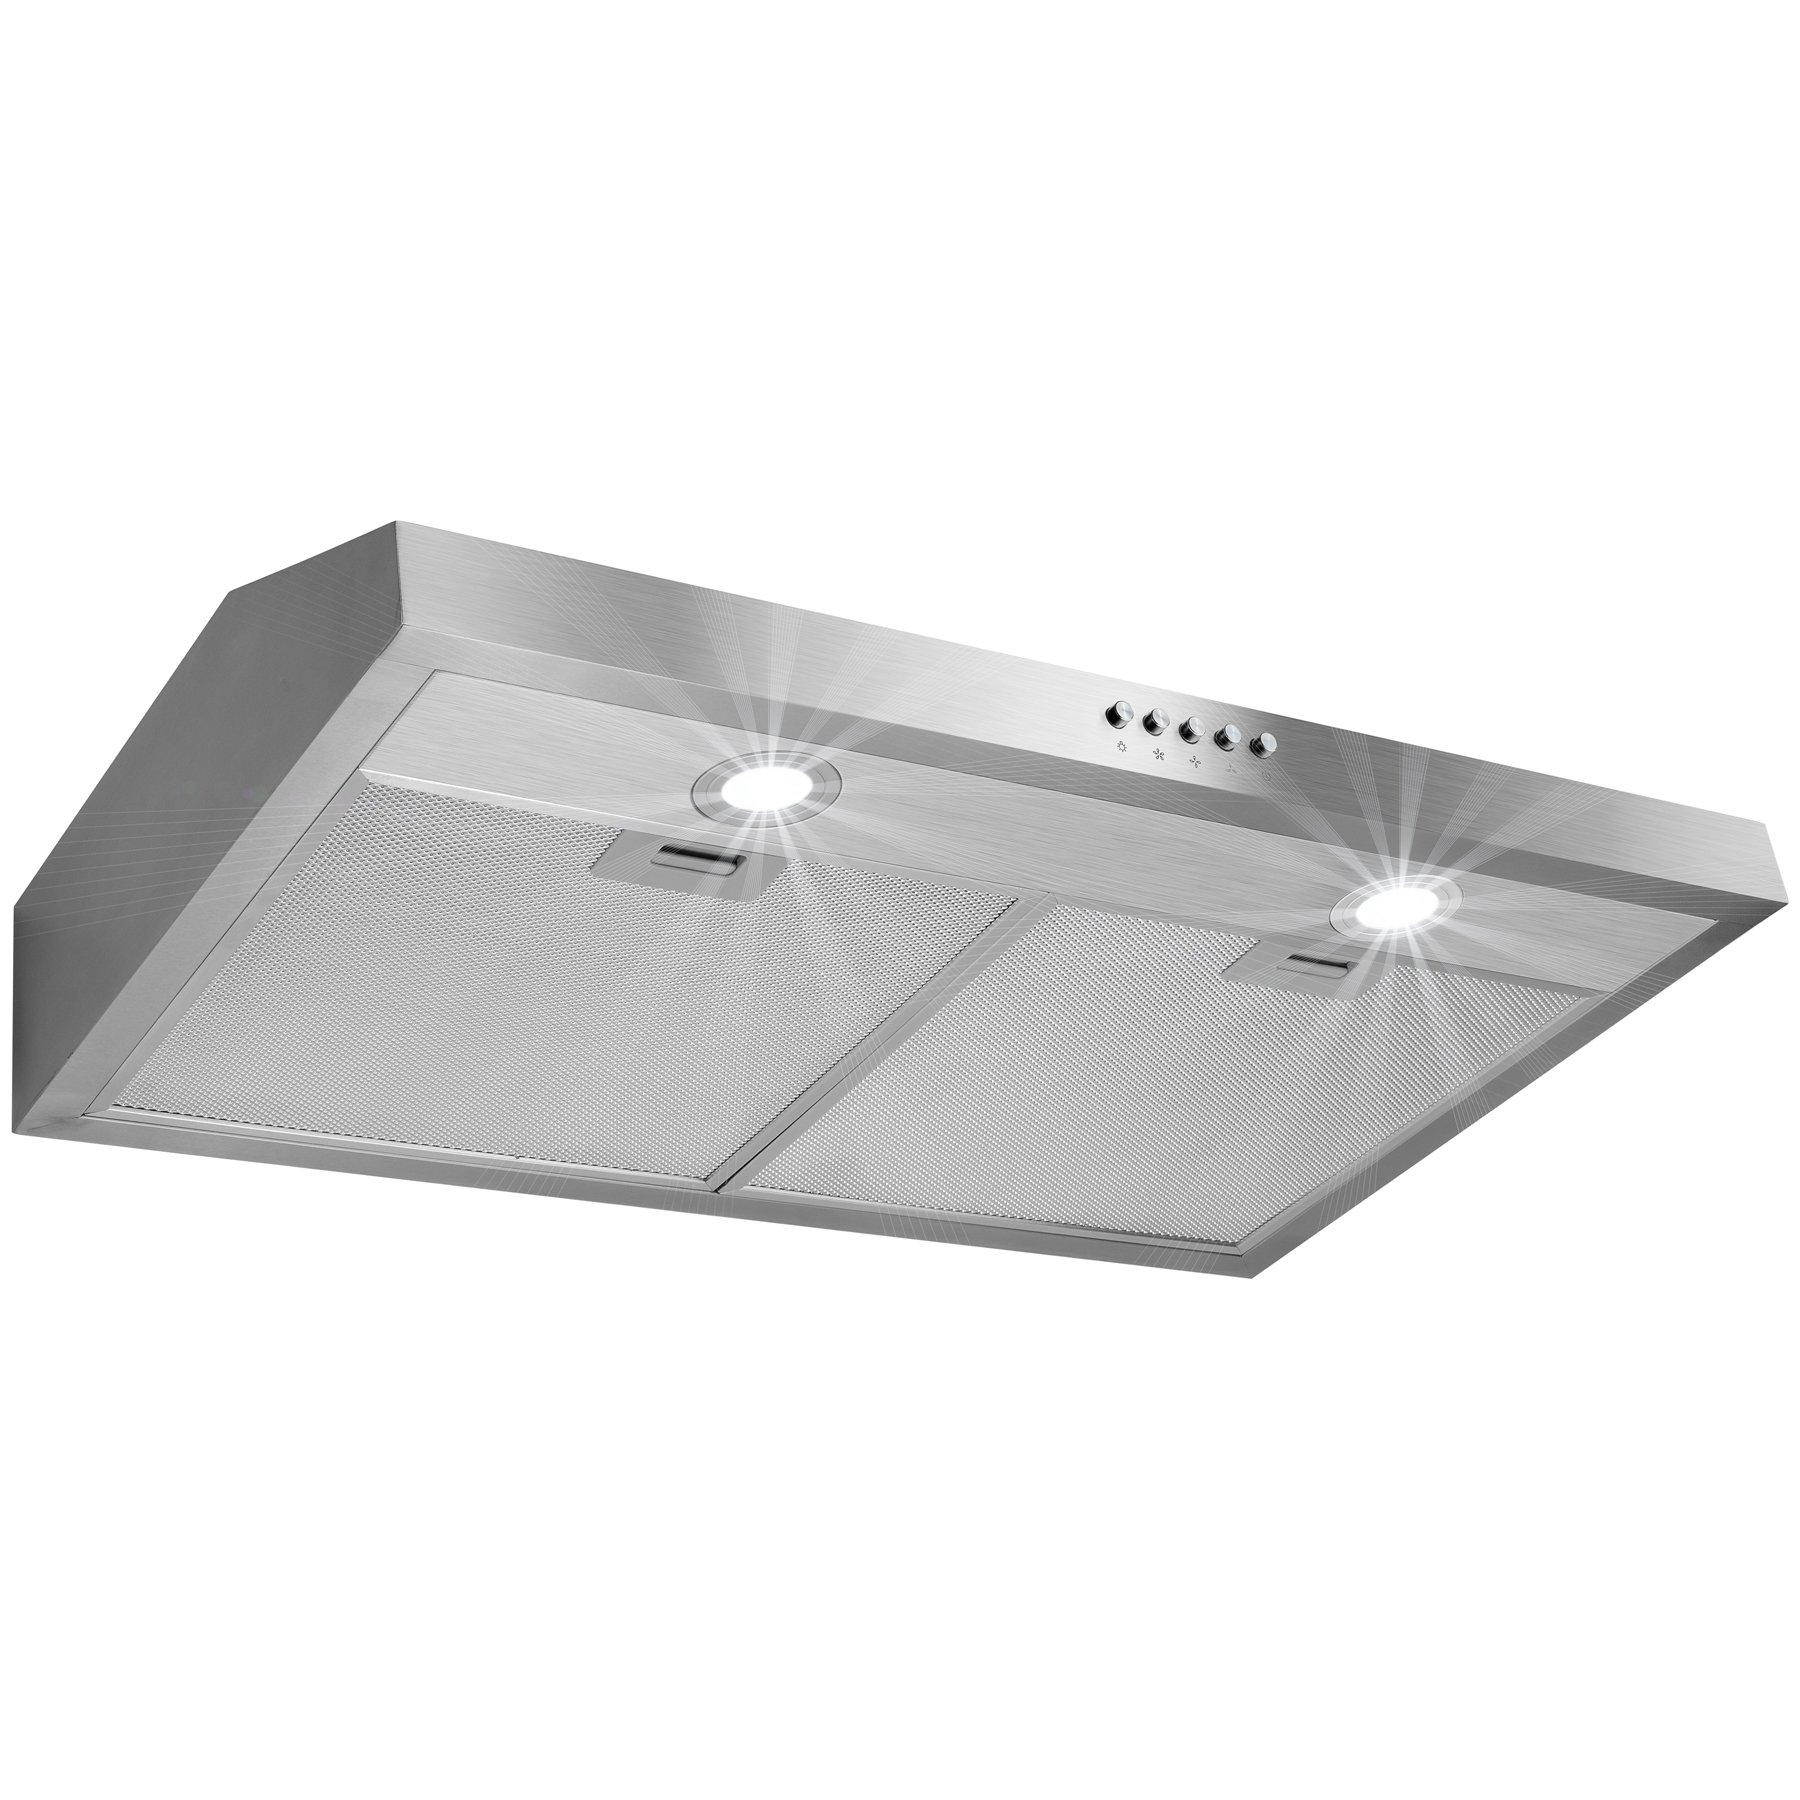 Golden Vantage 30'' Stainless Steel Under Cabinet Kitchen Range Hood w/ Push Button Control